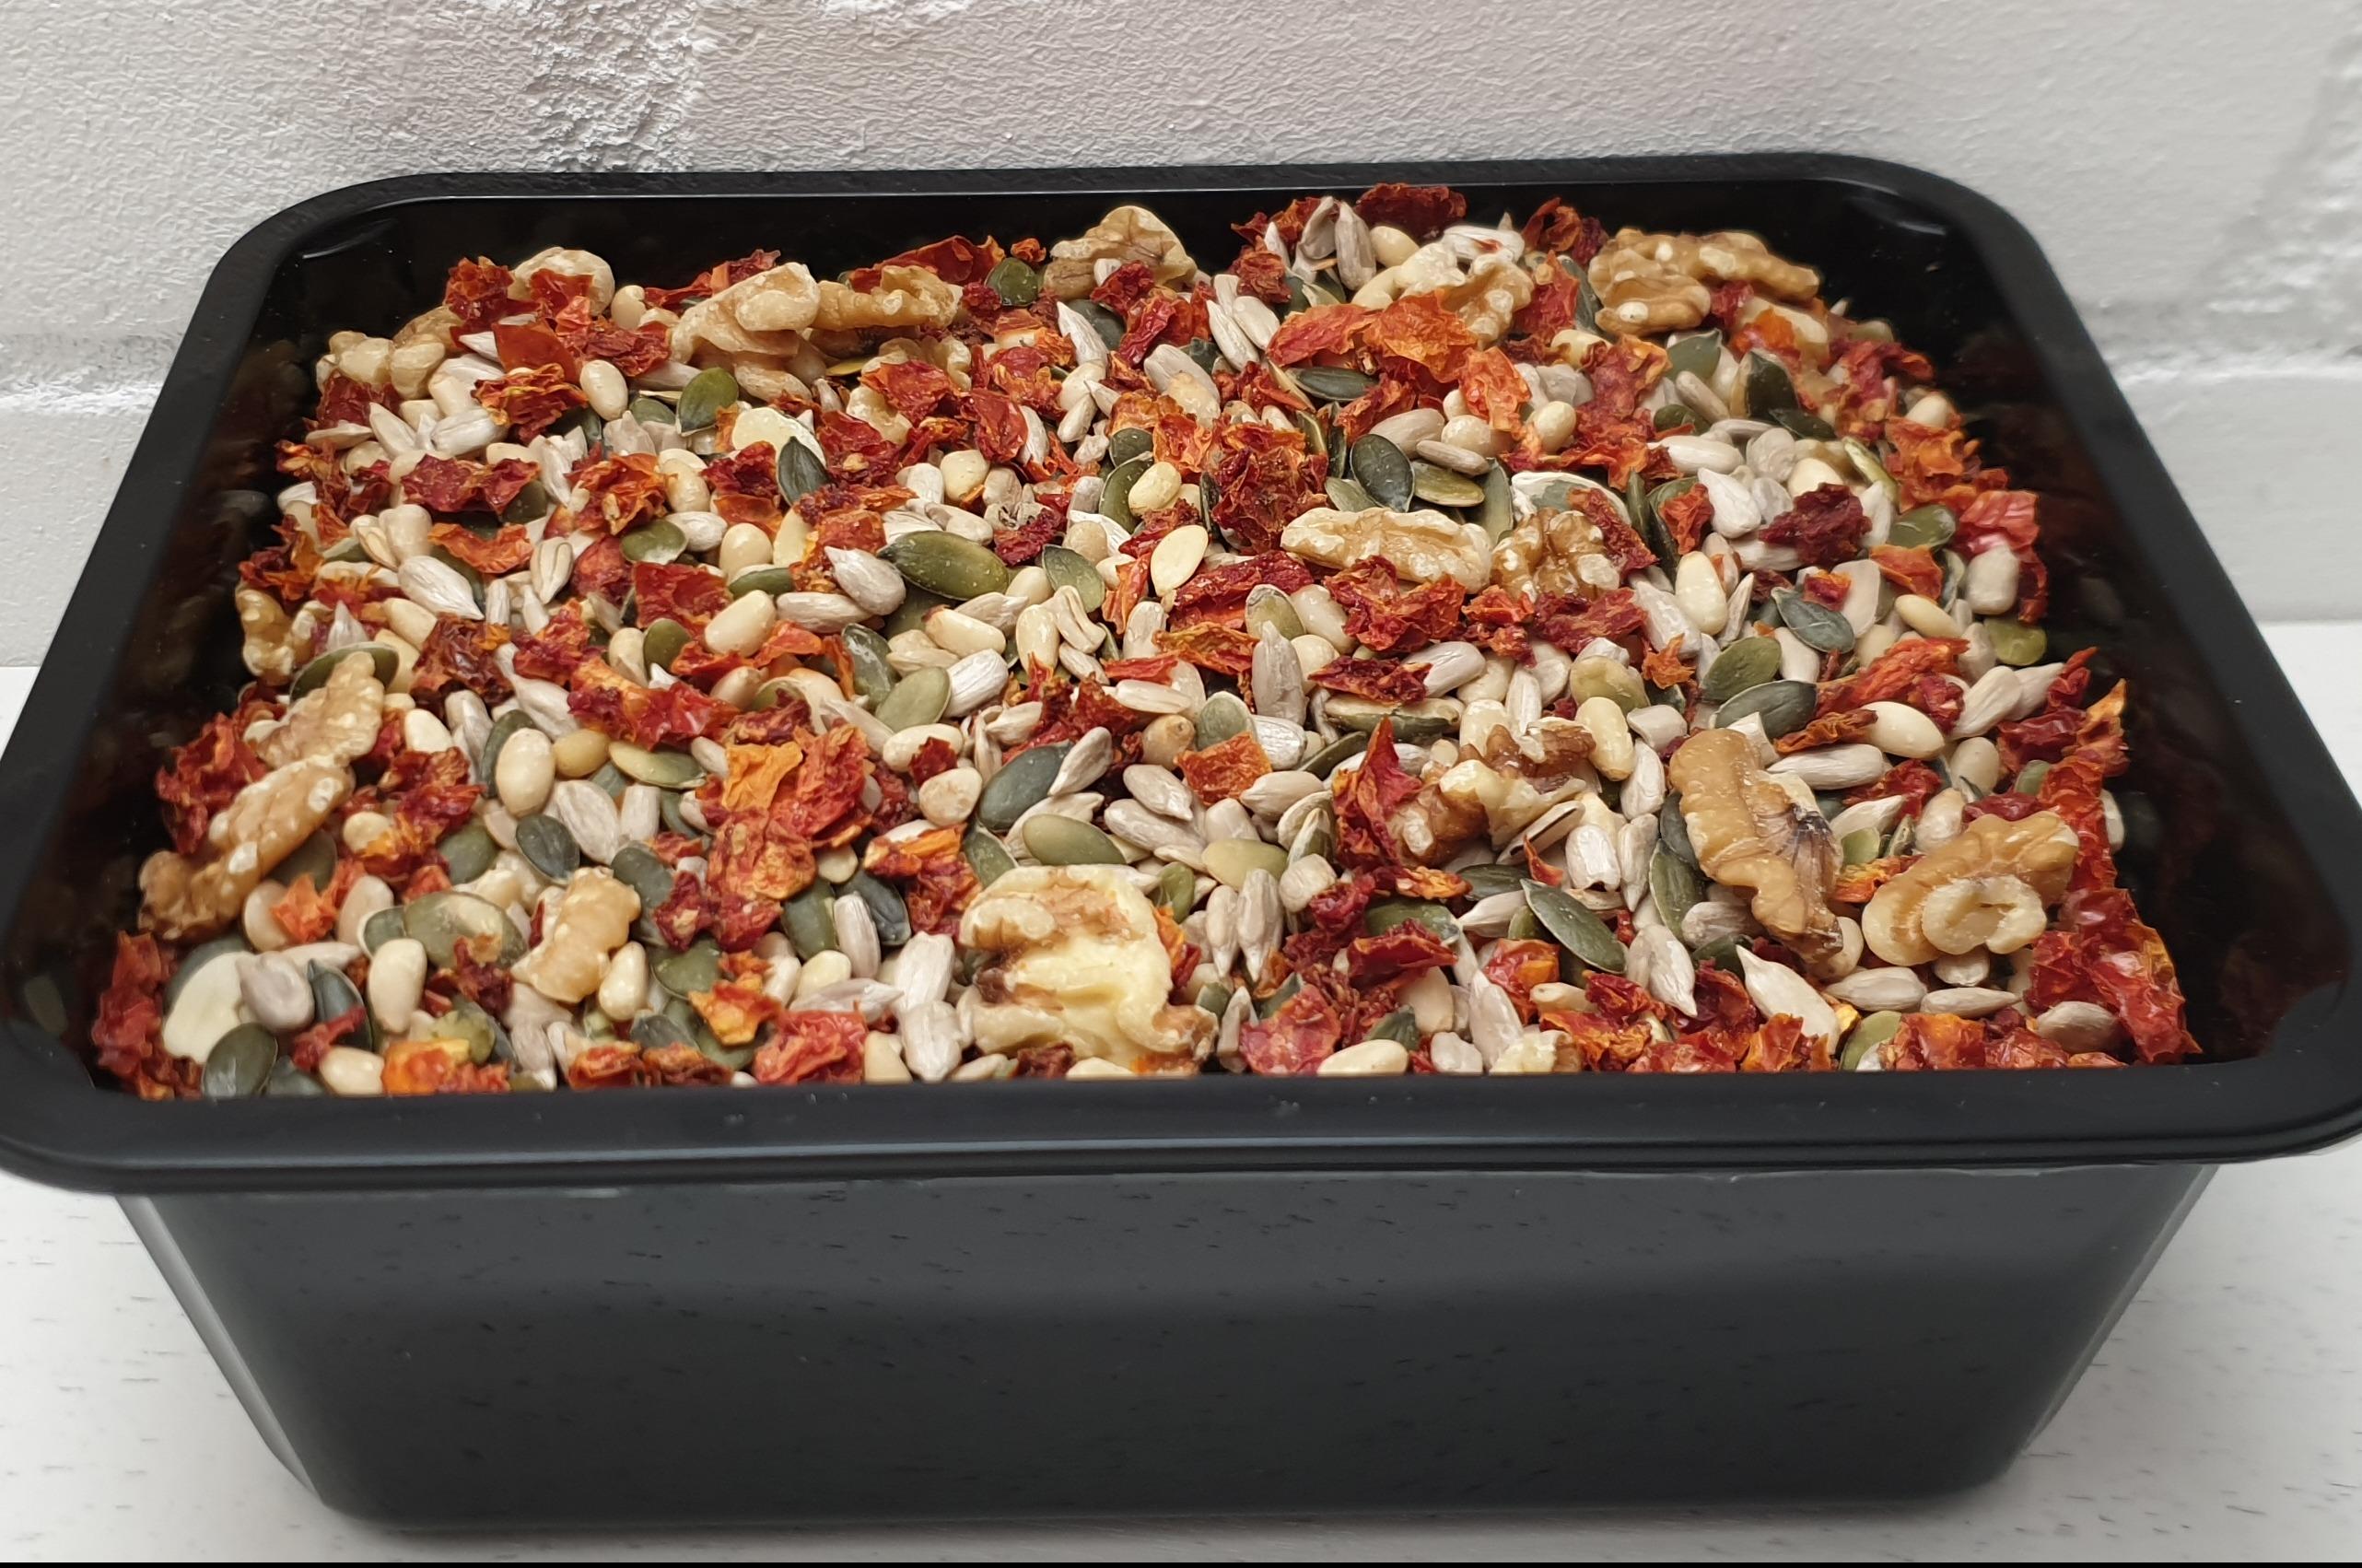 Salademix pitten per kilo